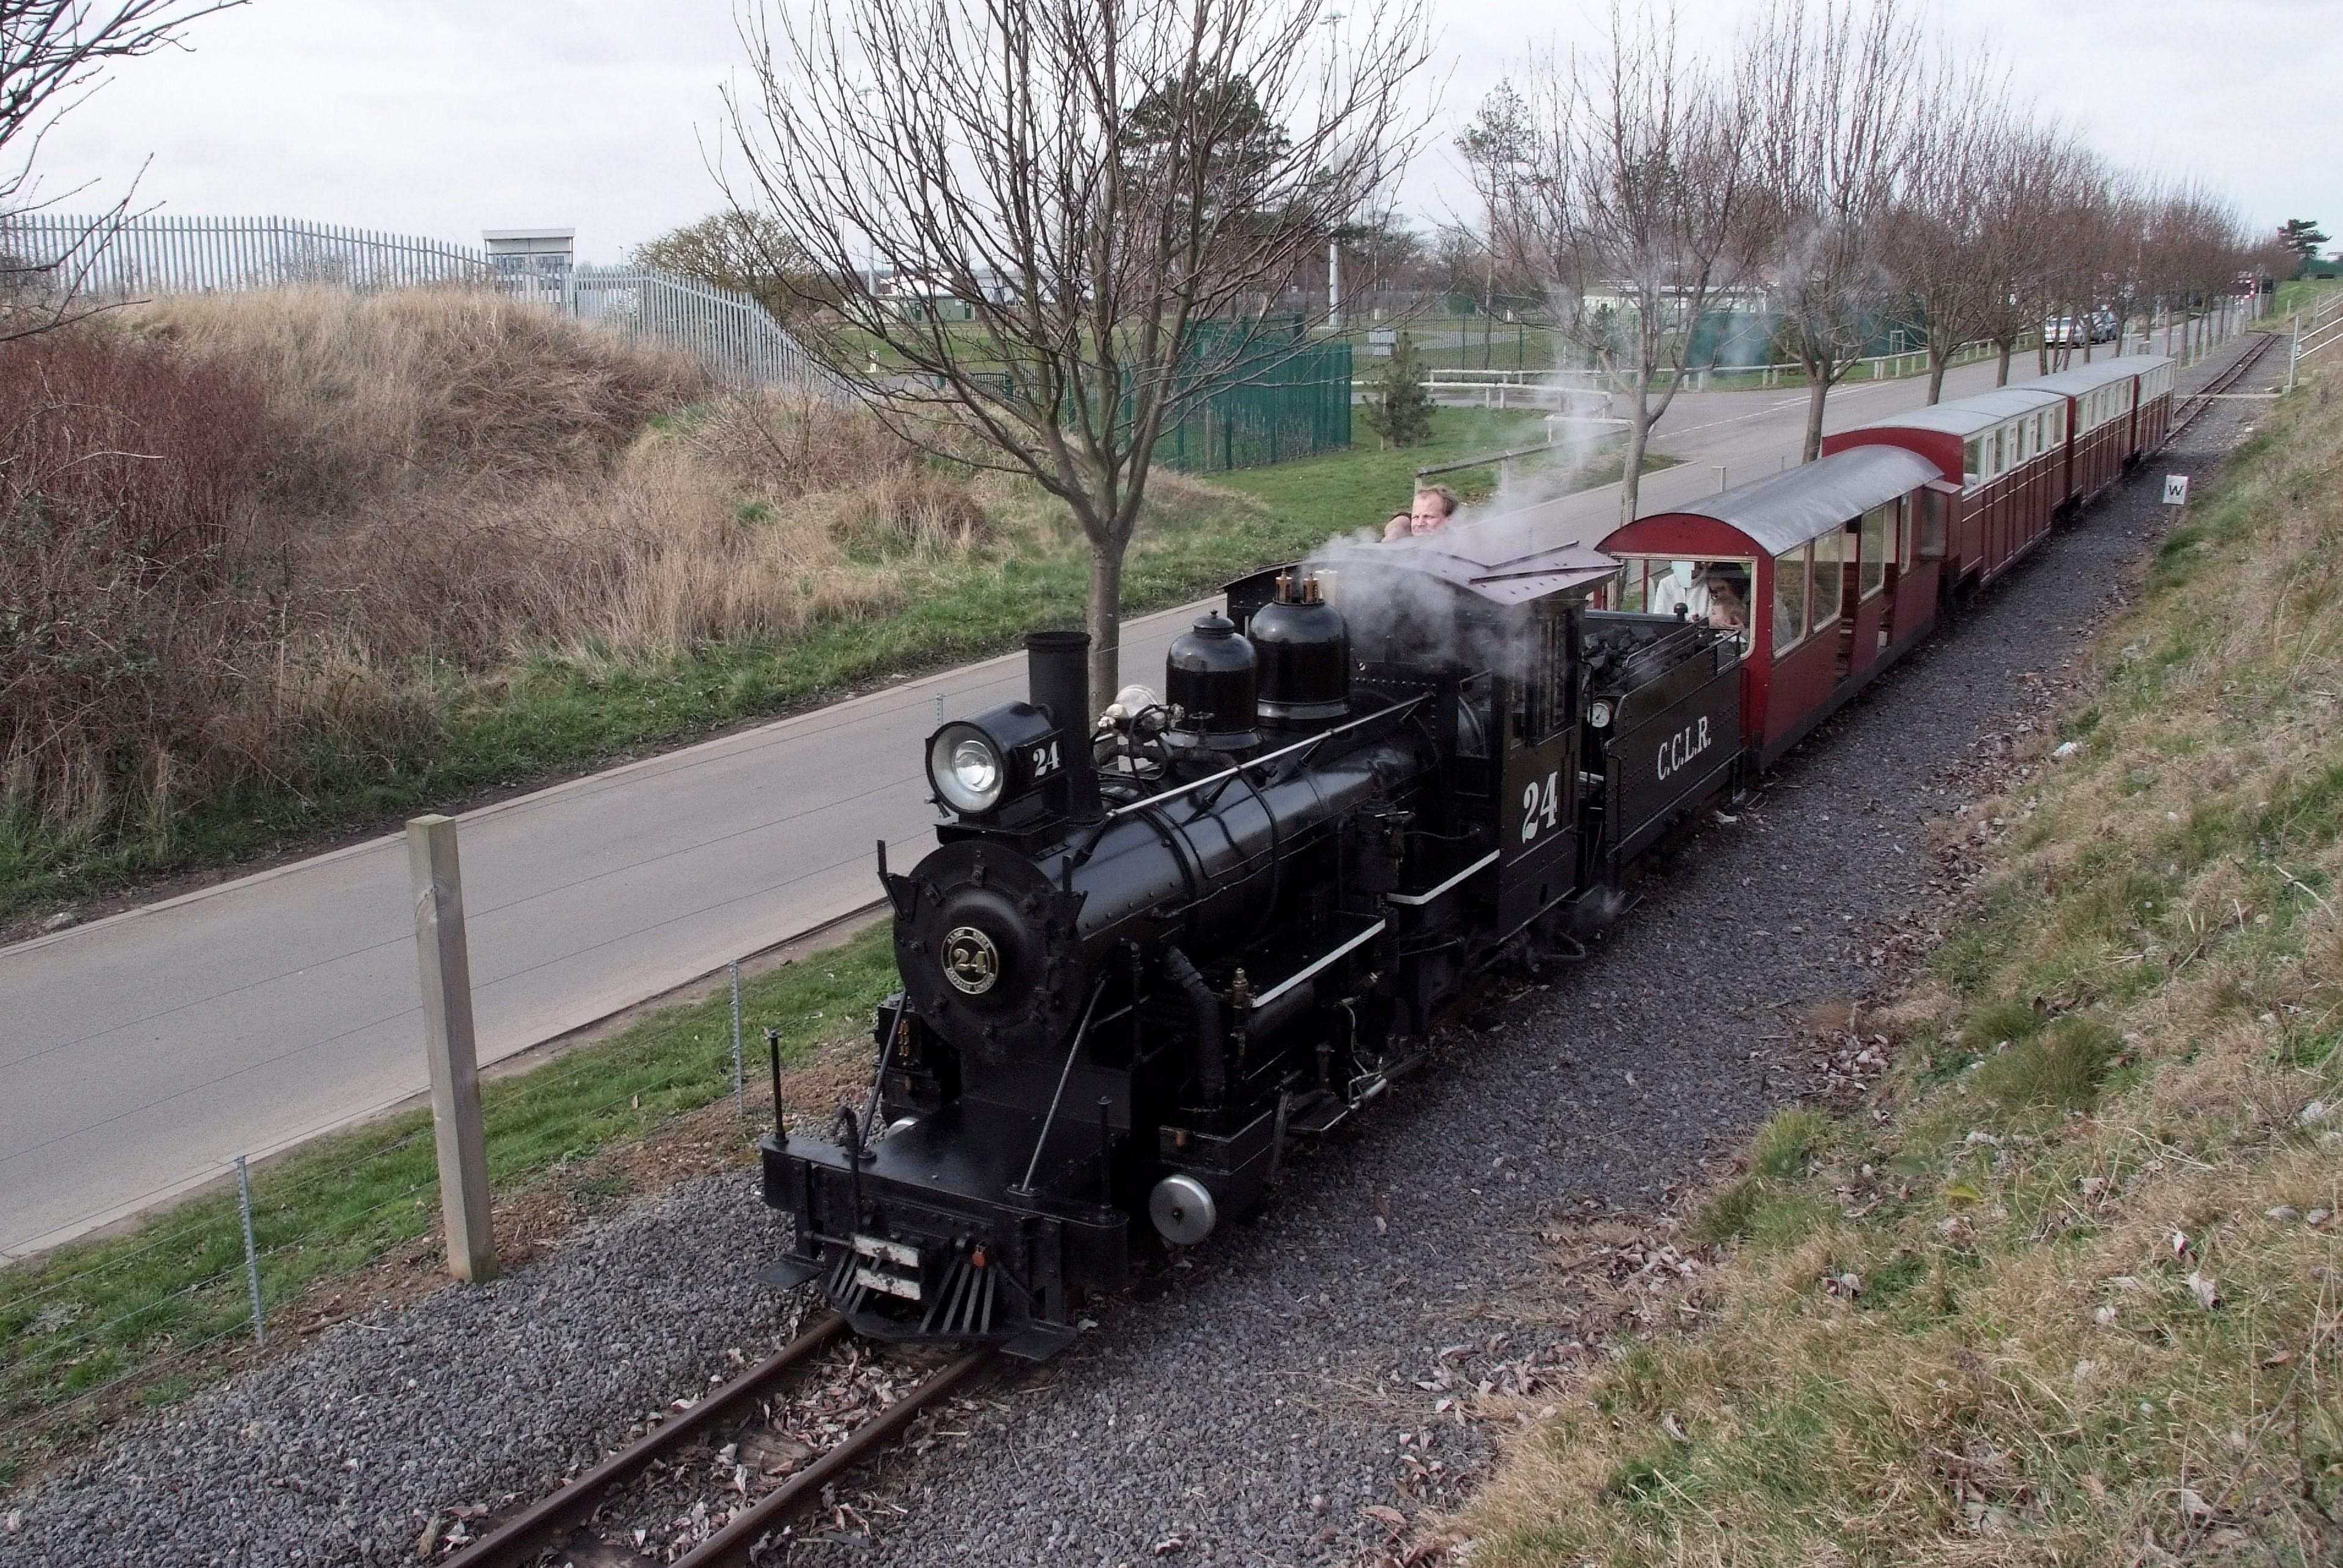 Cleethorpes Coast Light Railway